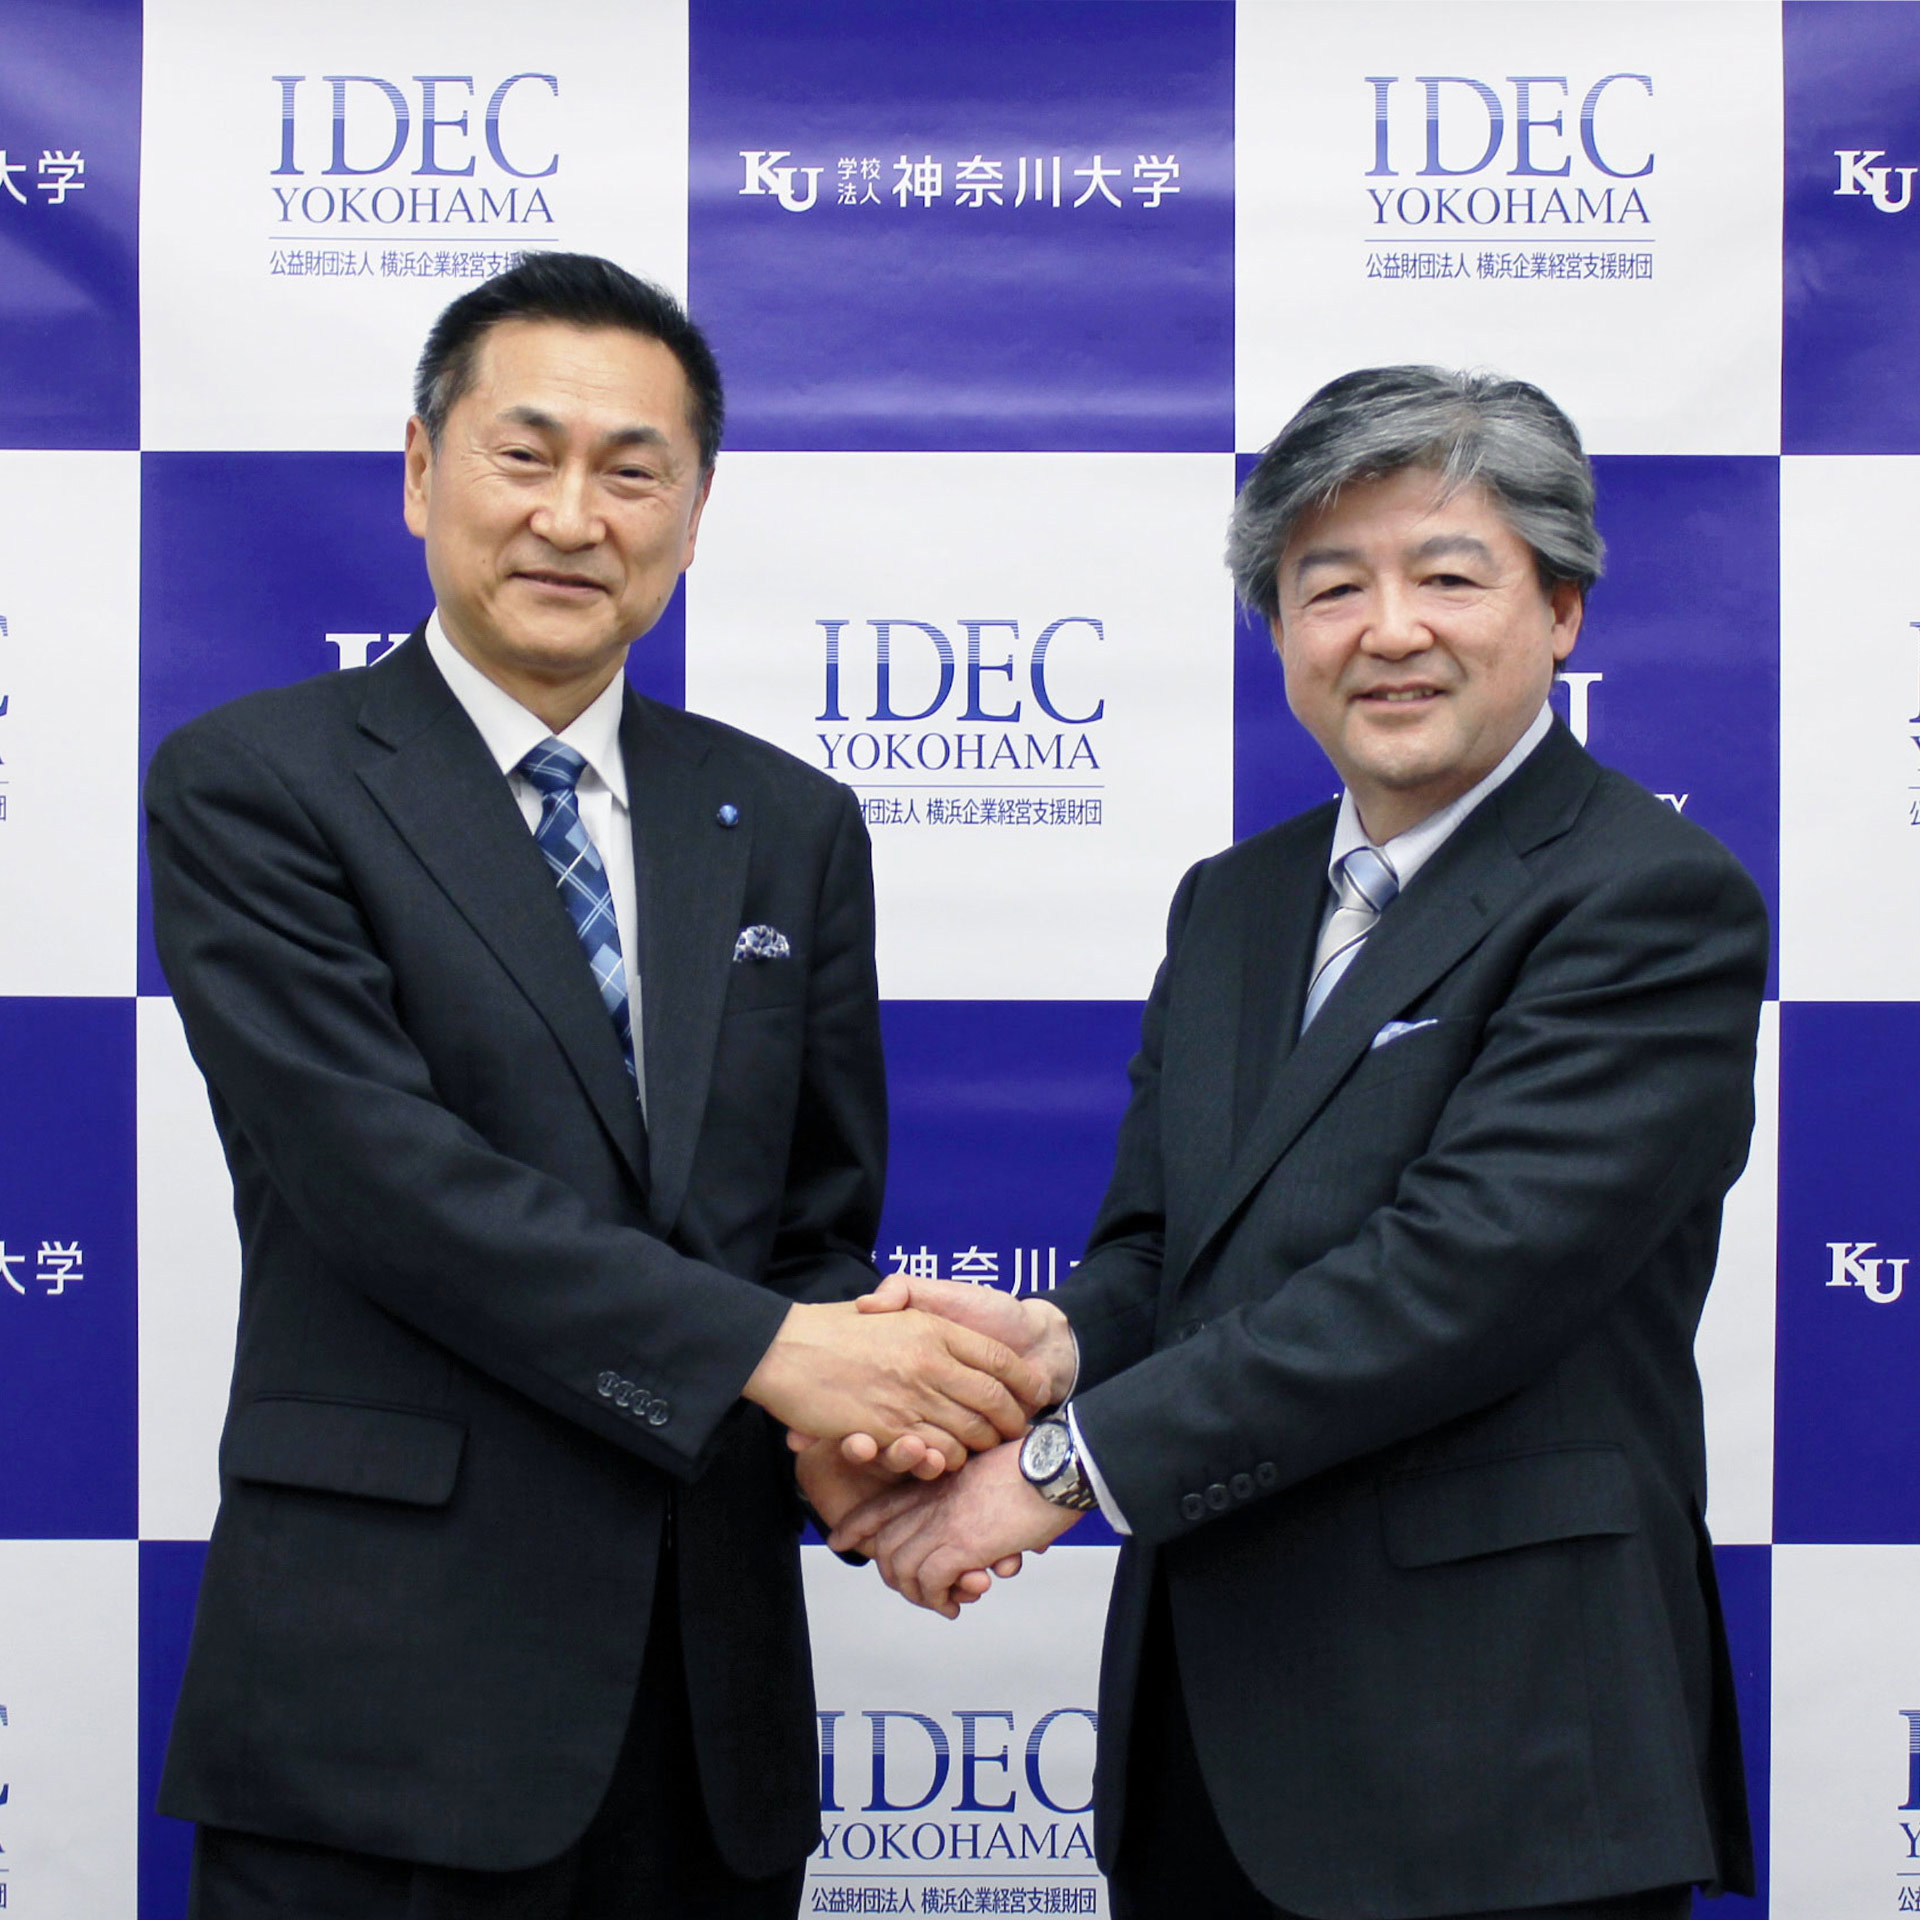 (公財)横浜企業経営支援財団(IDEC横浜)と神奈川大学~「人材の育成、採用・就職支援」も含めた包括協定を締結